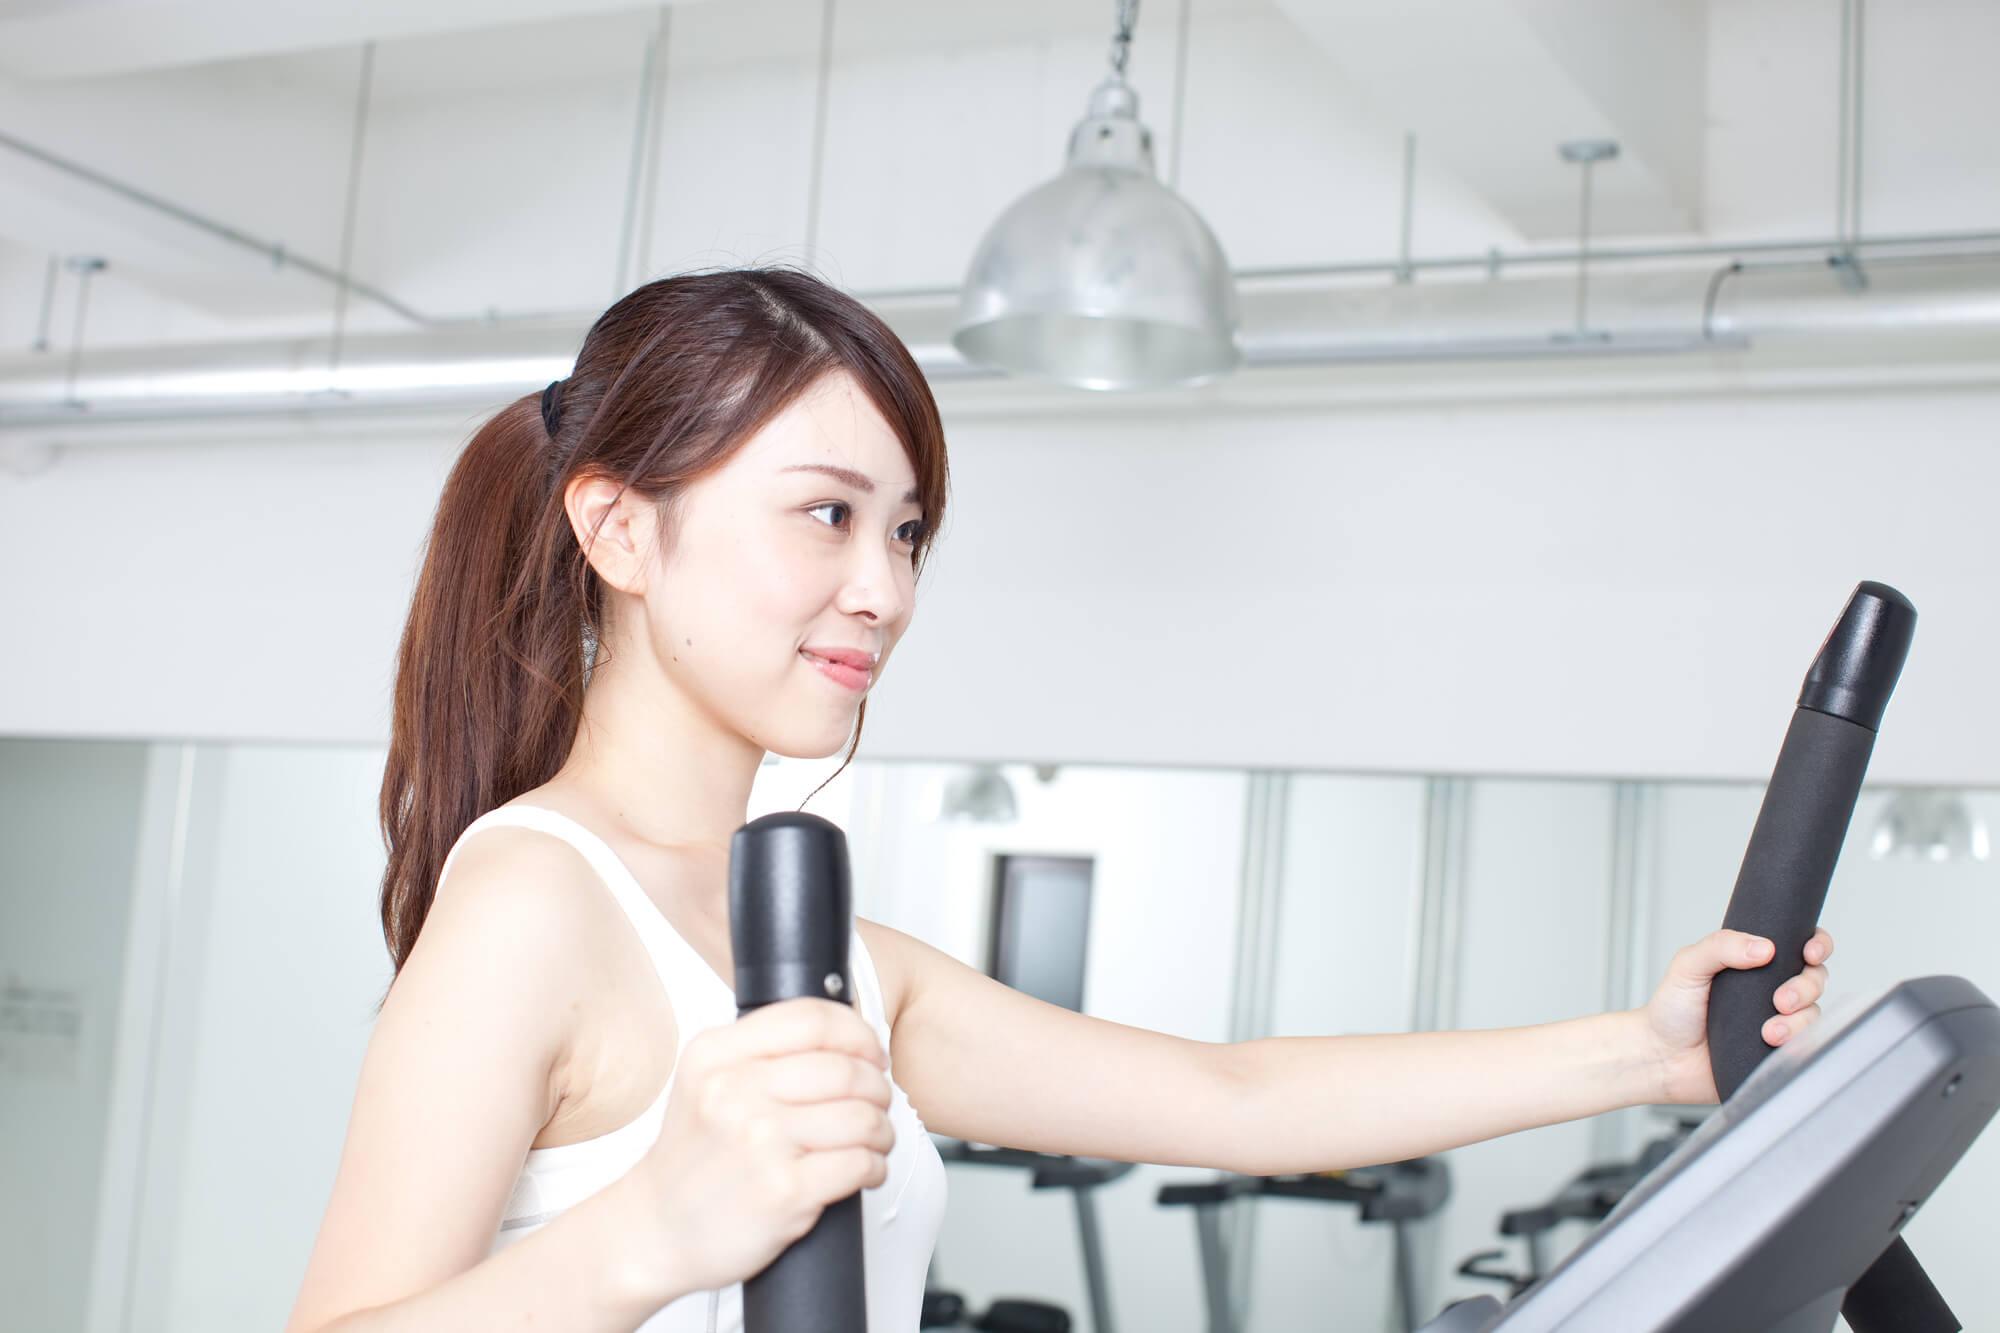 【低価格・スポーツ用】おすすめワイヤレスイヤホン9選【2017年版】